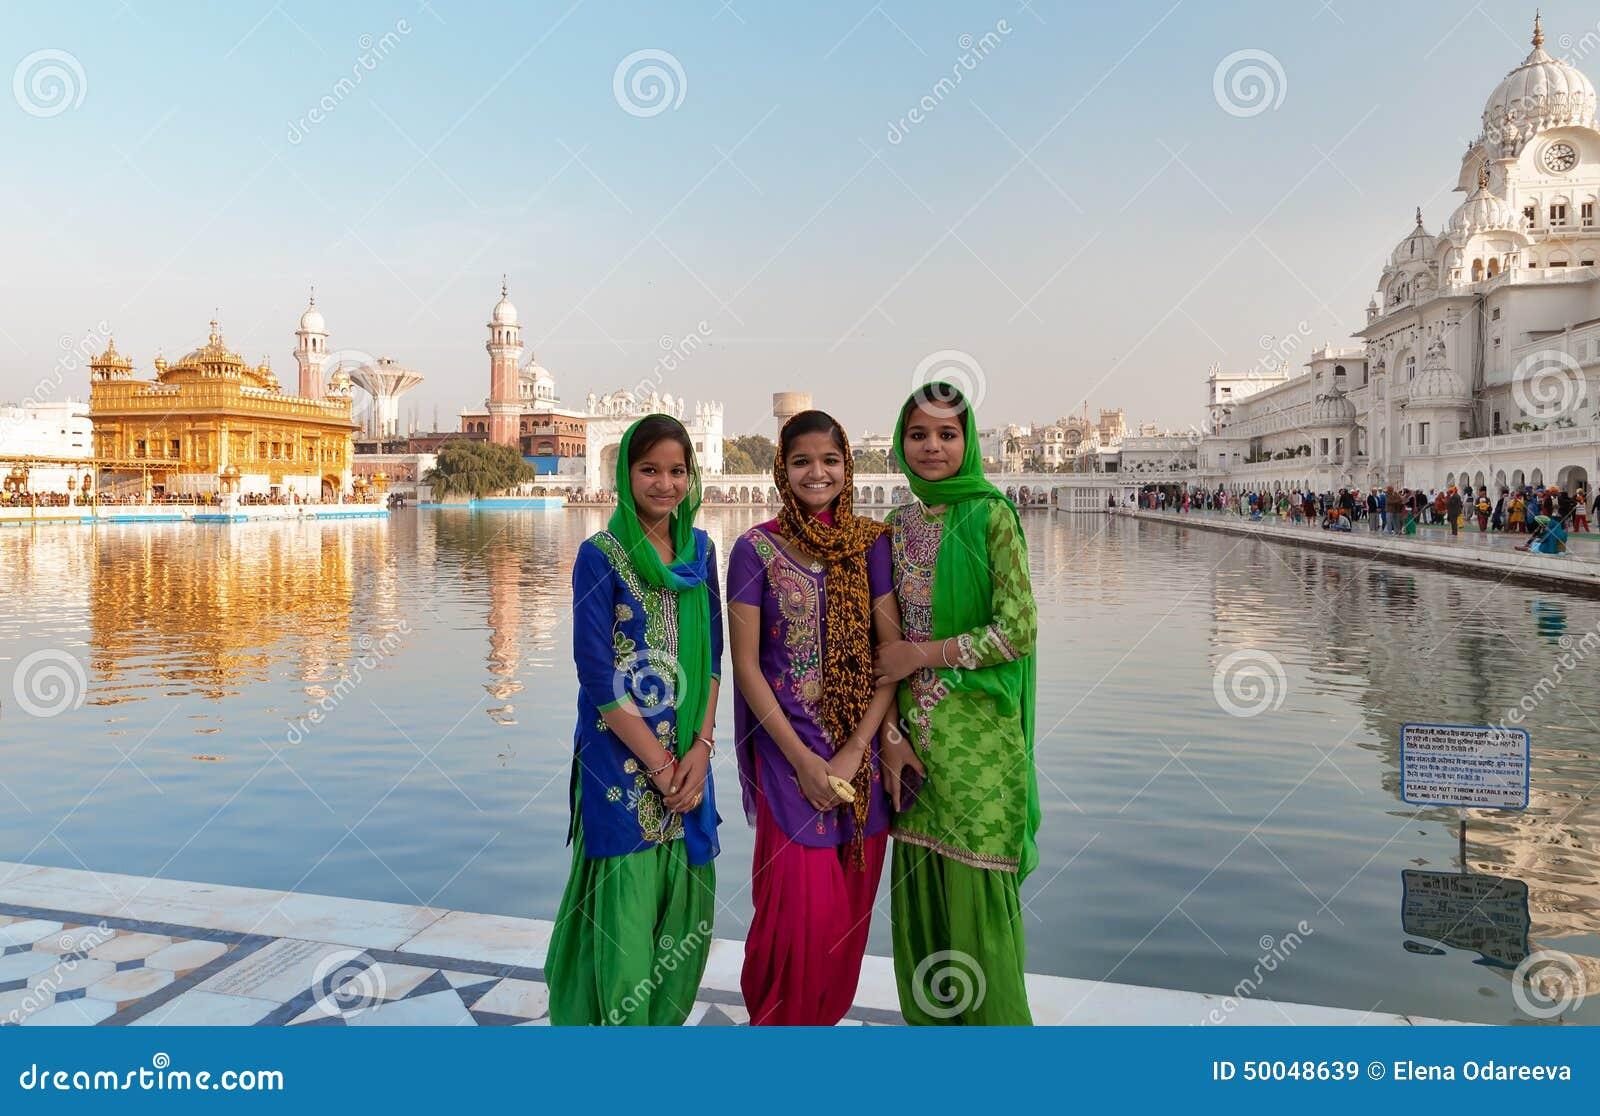 columbia city hindu single women You will meet single, smart, beautiful men and women in your city equestrian dating  asian orange american woman dating indian man columbia city singles.